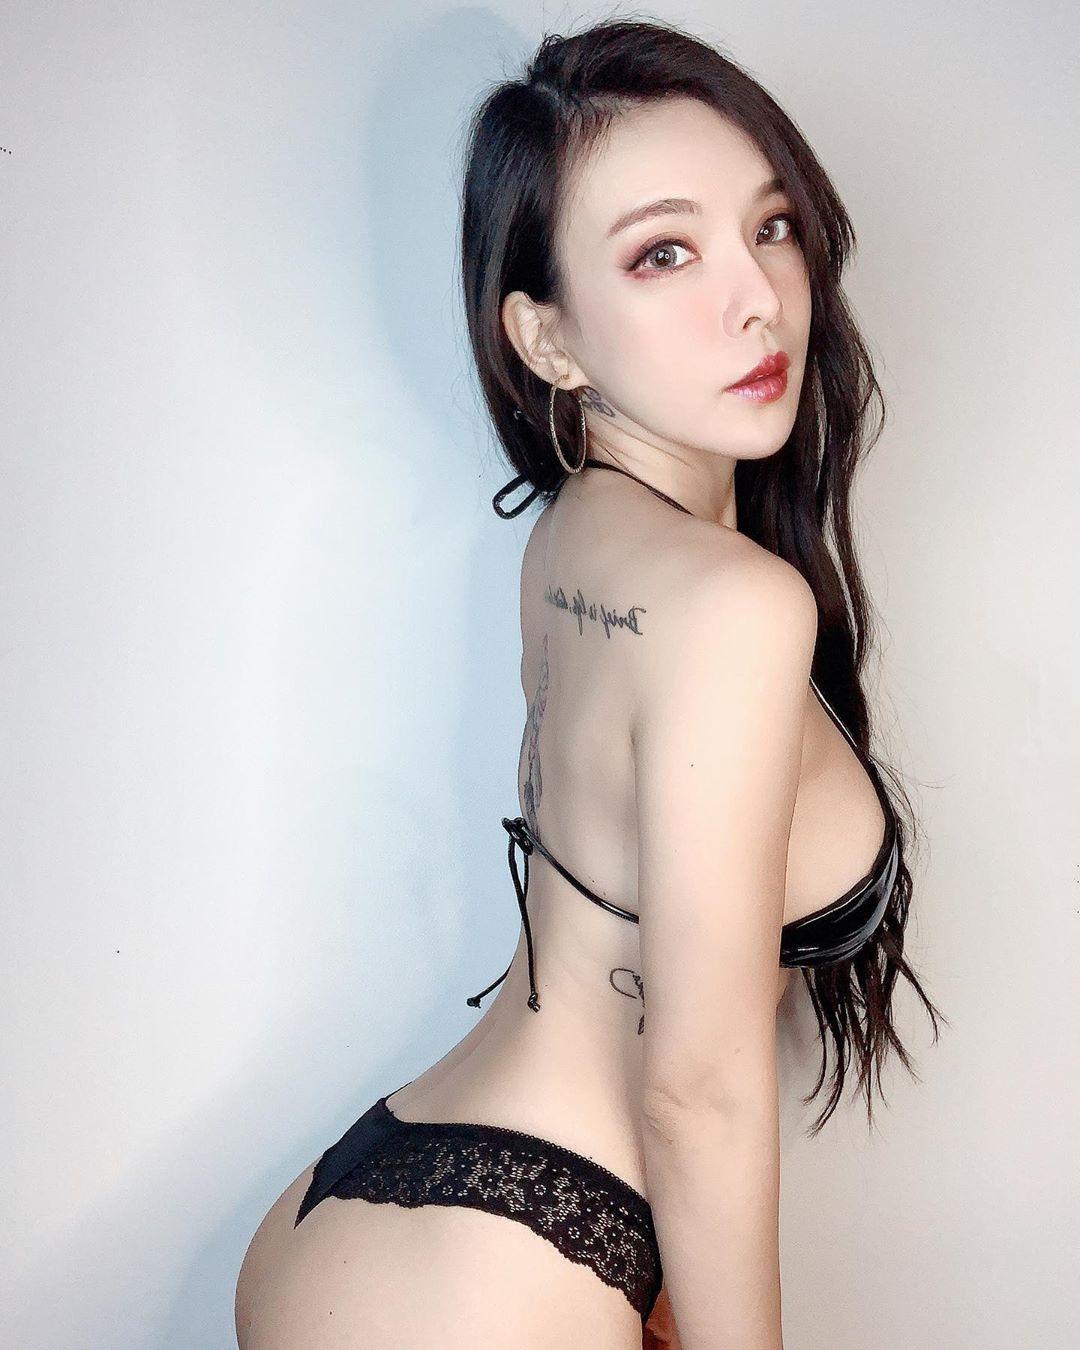 qPxoLidE o - IG正妹—Jocelyn Kao牛奶兒